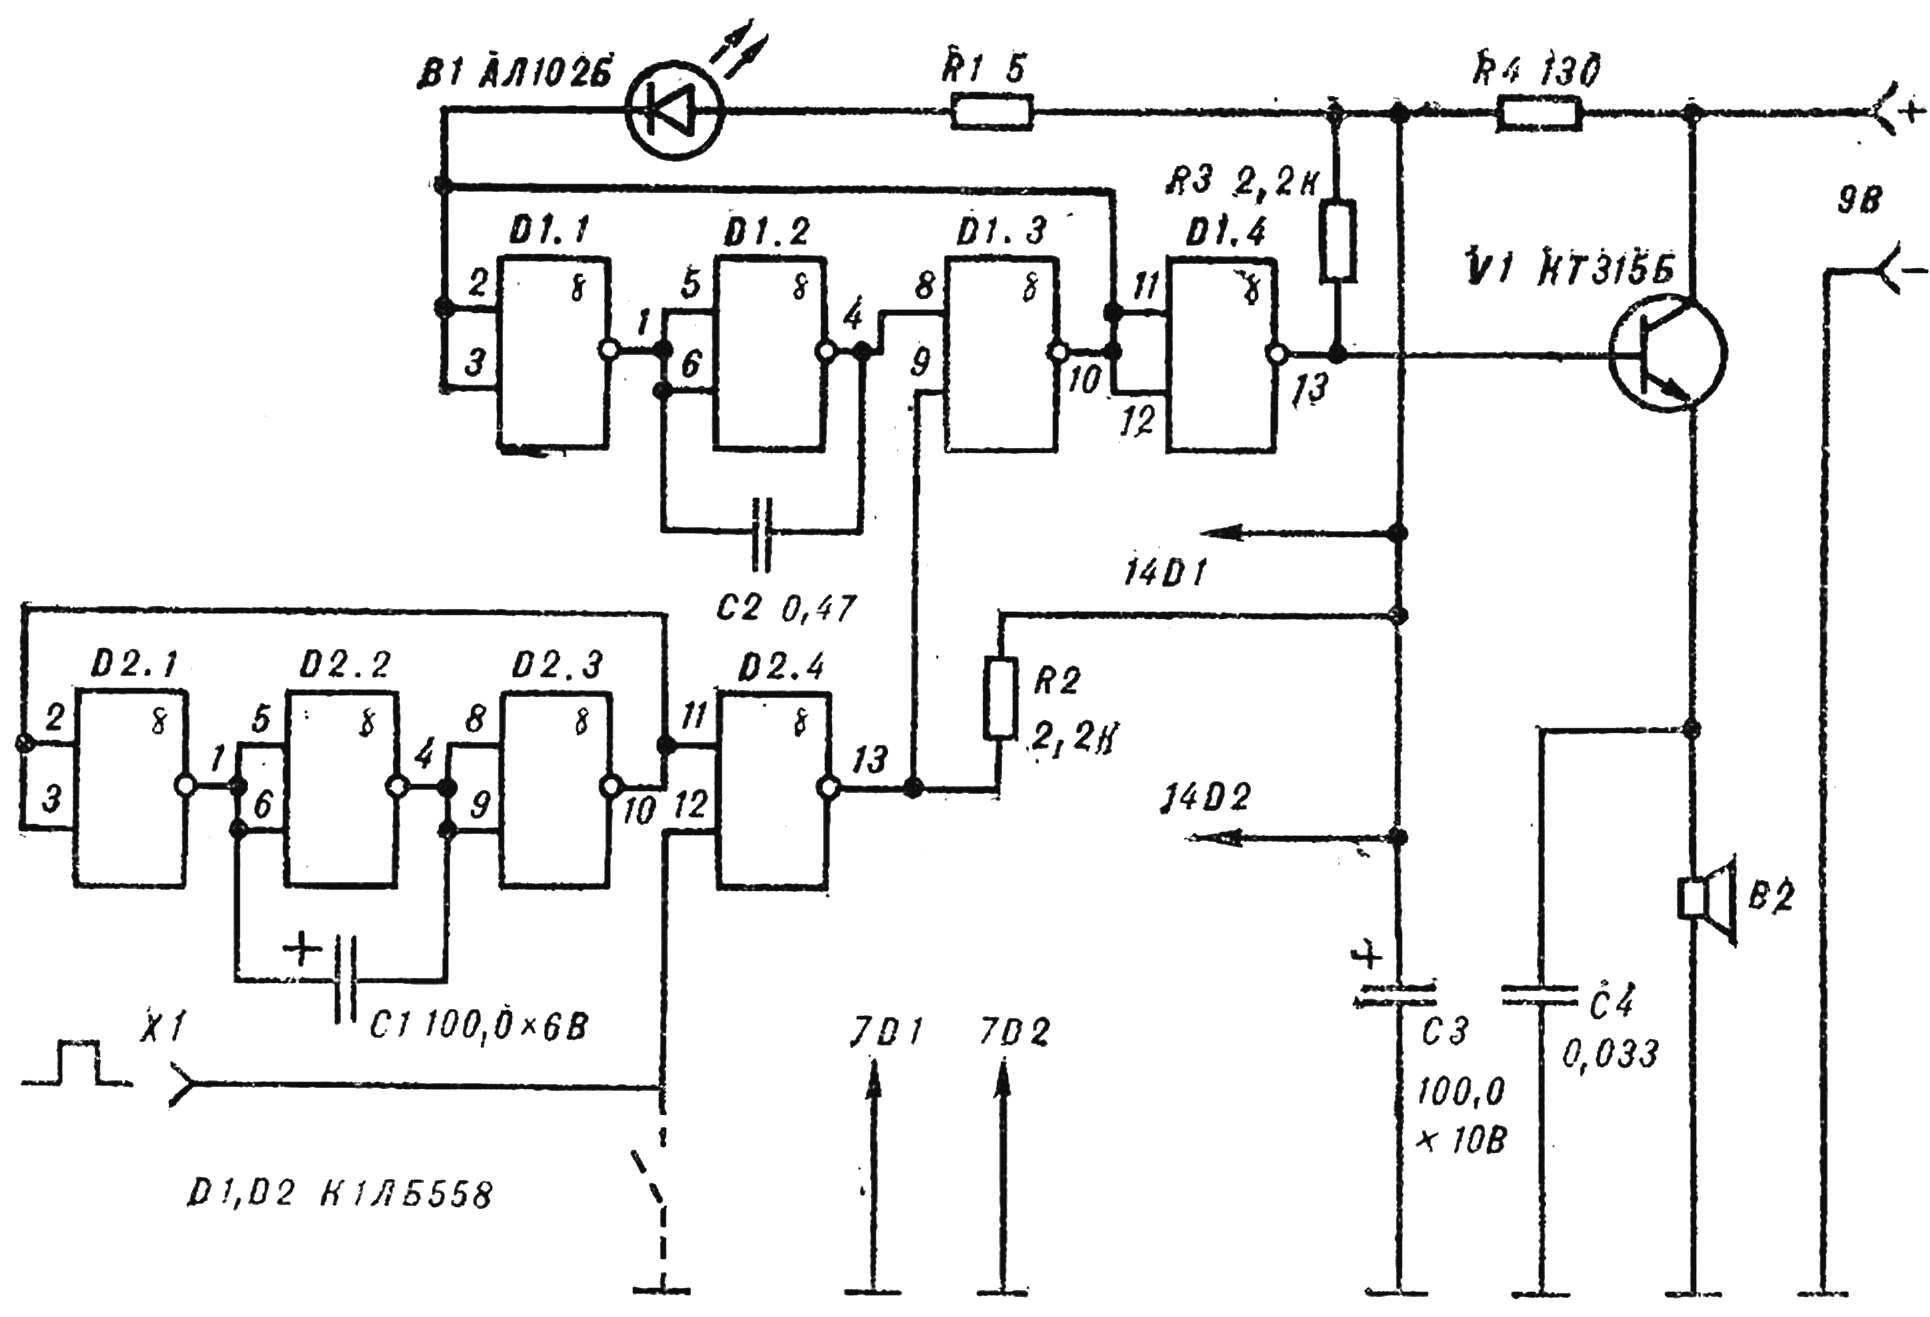 Рис. 2. Принципиальная схема генератора с прерывистым сигналом